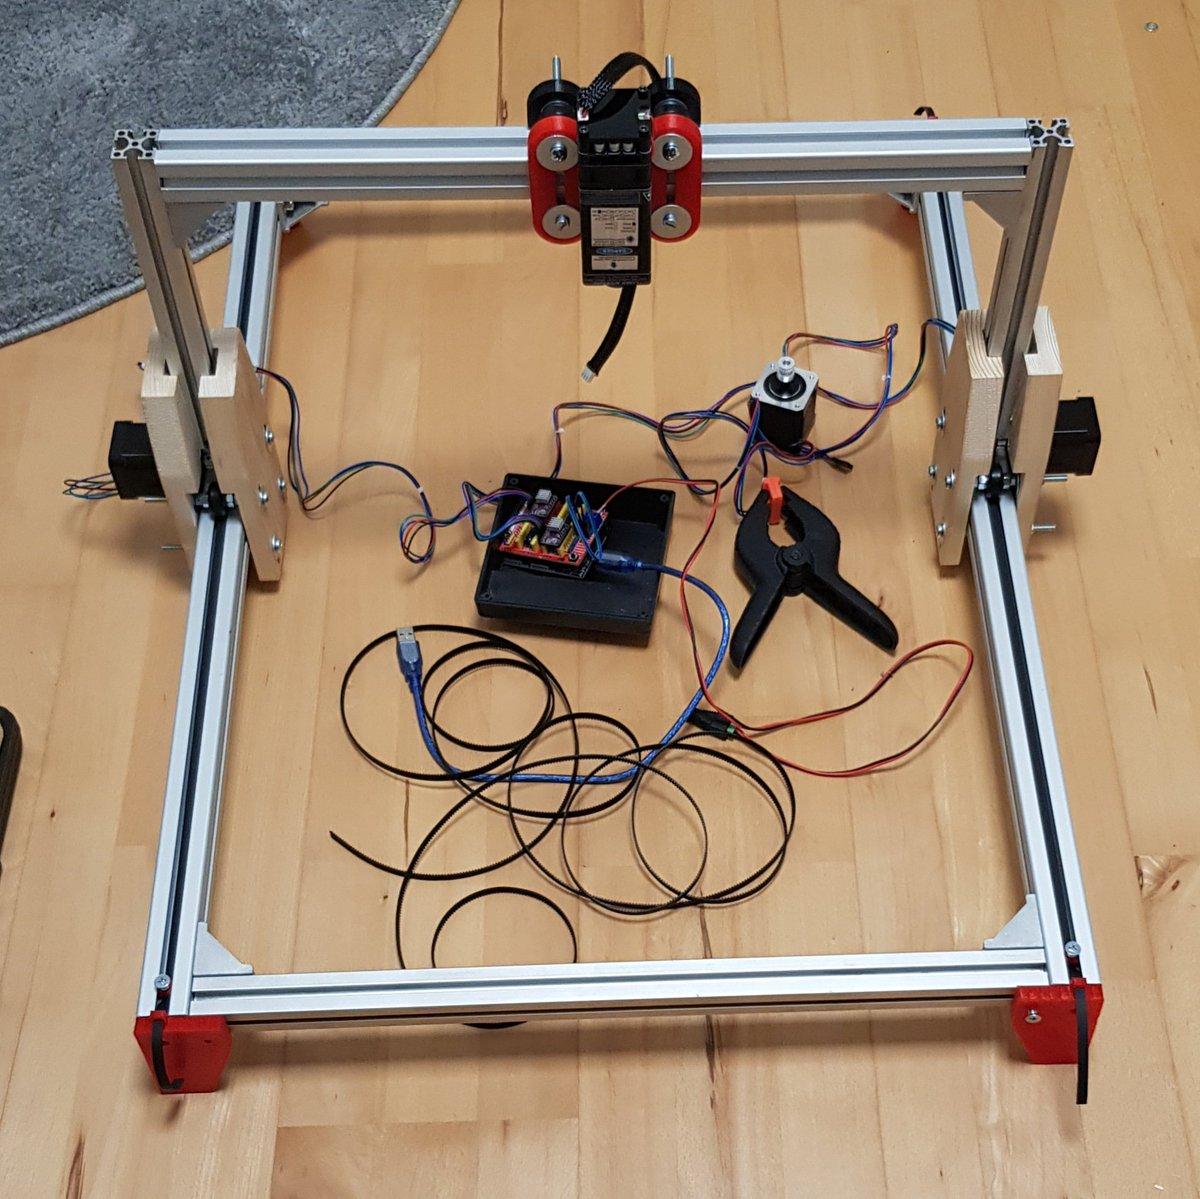 @MakeMagazinDE wenn ihr mein aktuelles Projekt: Laser-Gravierer mitverfolgen möchtet, lasse ich einen Link da und freue mich wenn ihr vorbeischaut https://t.co/BTQ4C4z3Sm  #laser #diy #3Dprinting #cnc #hobby #schrittmotor #Arduino #cncshield #maker #maschine #bastler #lasergravur https://t.co/t5GClnx6kt